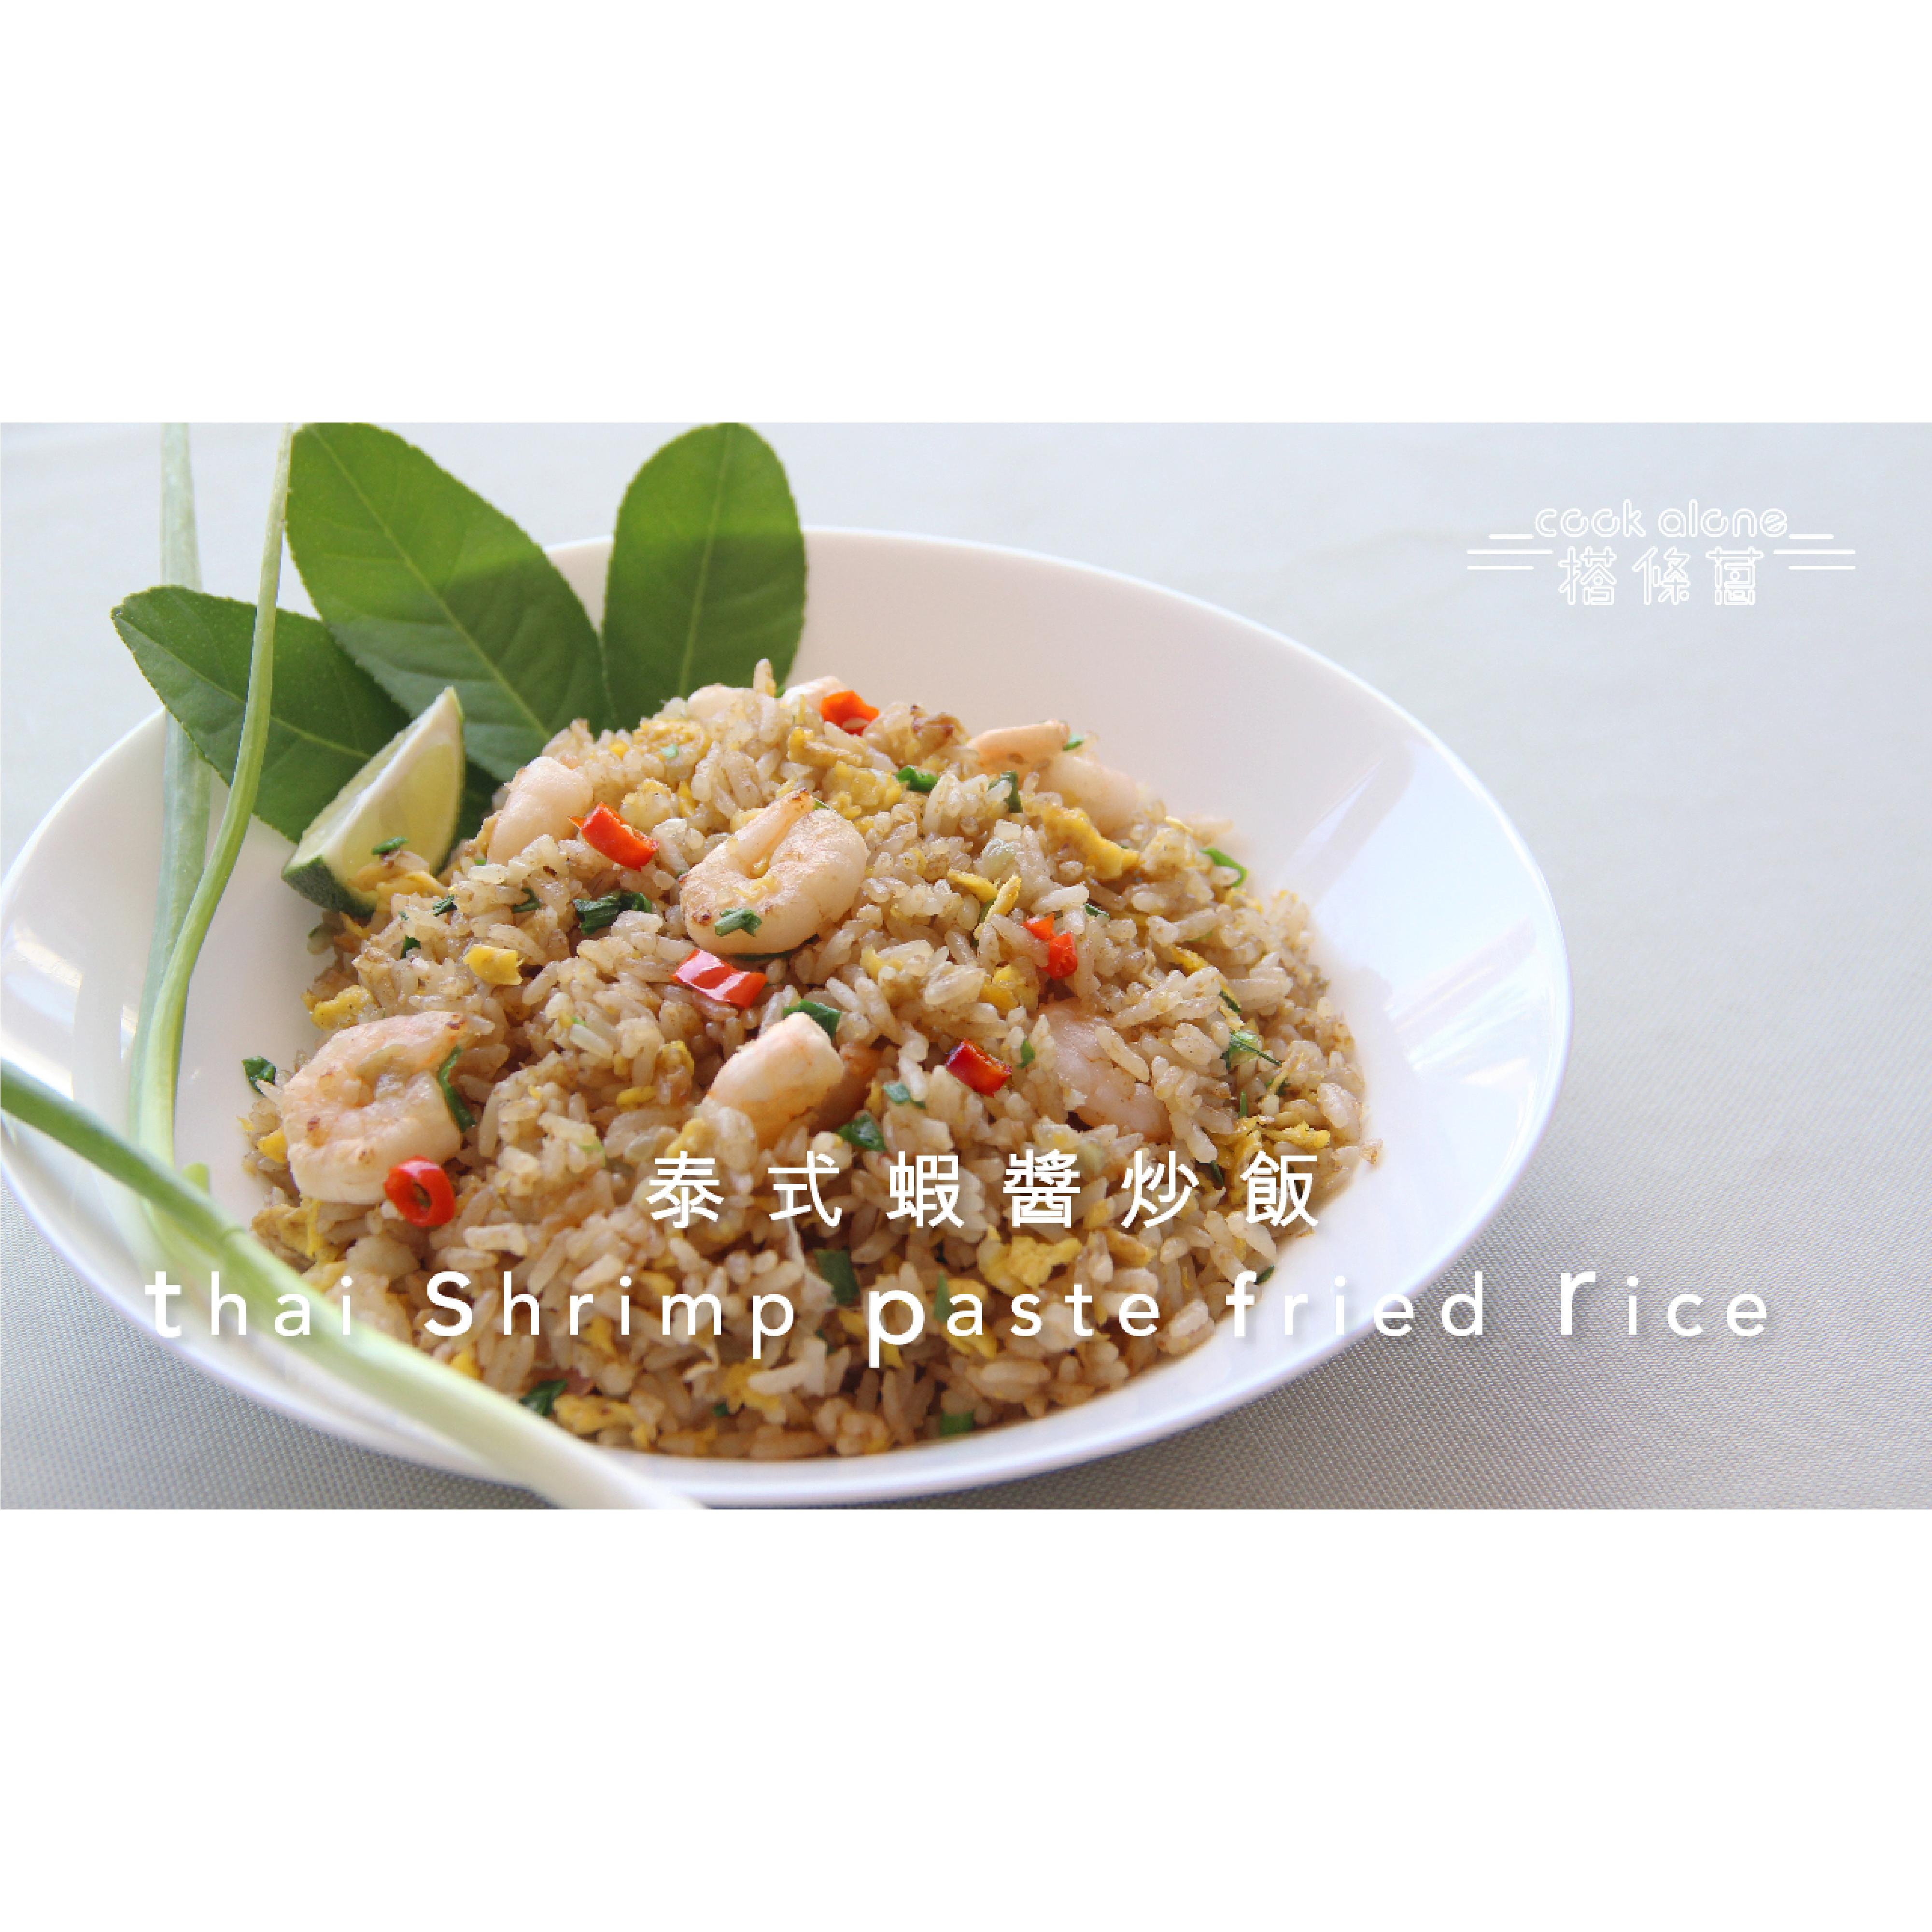 泰式蝦醬炒飯